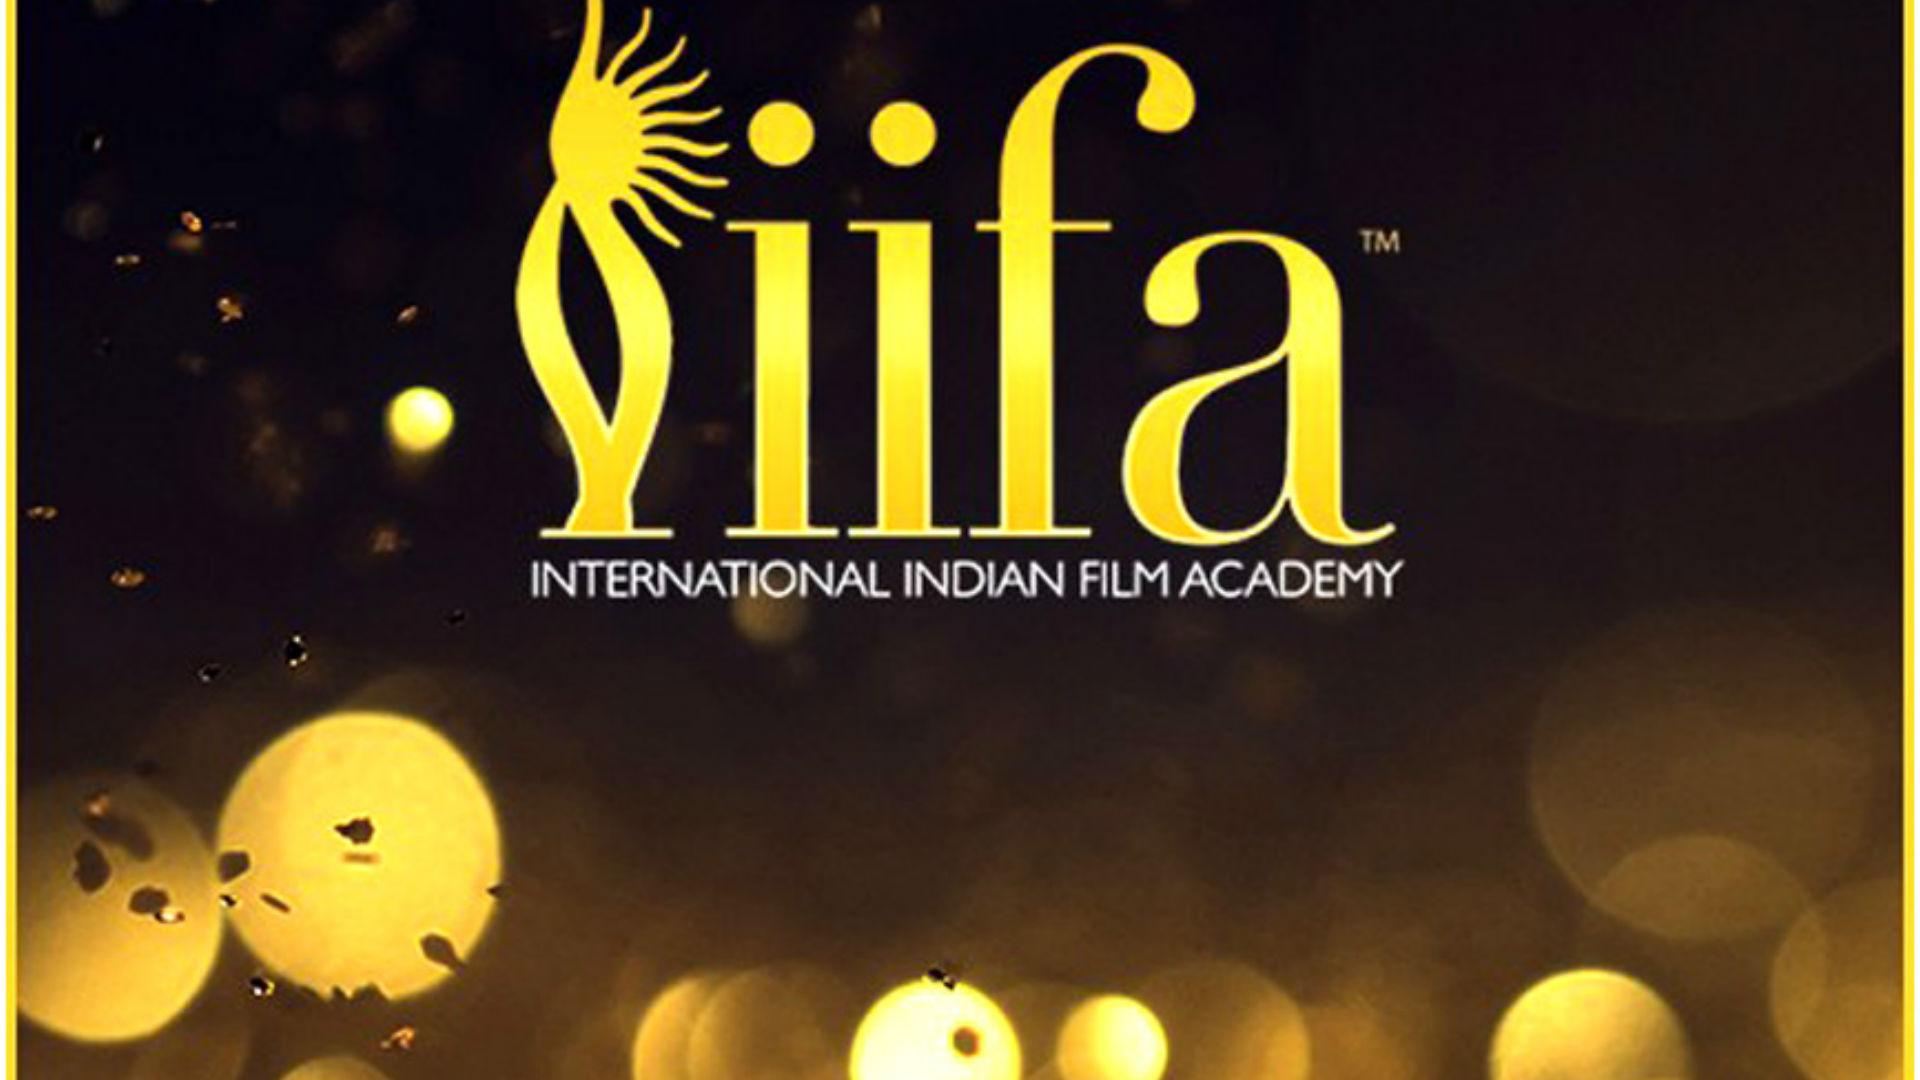 IIFA Awards 2019: आईफा अवॉर्ड्स 2019 से पहले हो रहा है IIFA Rocks, जानिए पूरी डिटेल